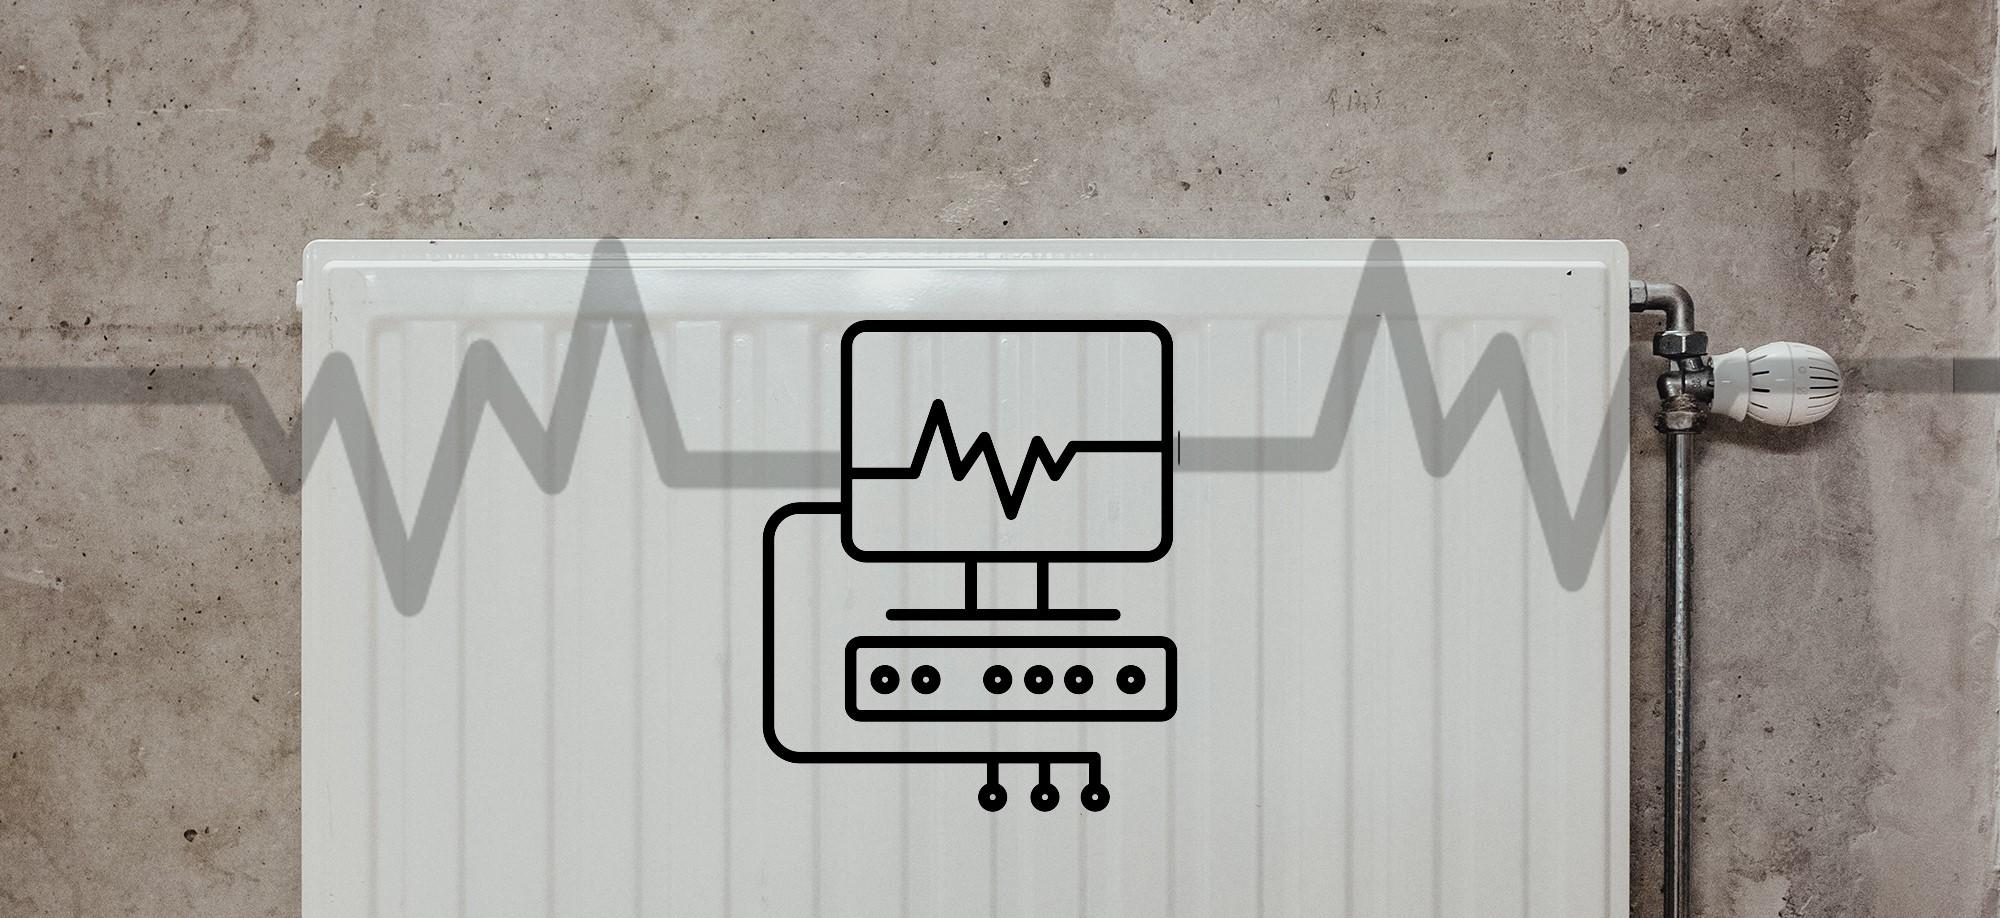 Heizungs-EKG